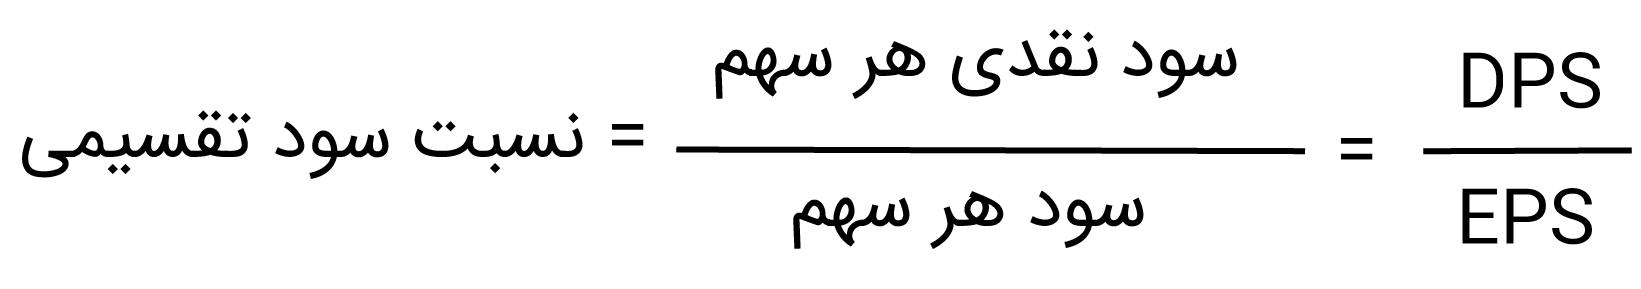 سود تقسیمی سود تقسیمی هر سهم DPS – فرمول – نحوه دریافت – زمان پرداخت nesbat soud